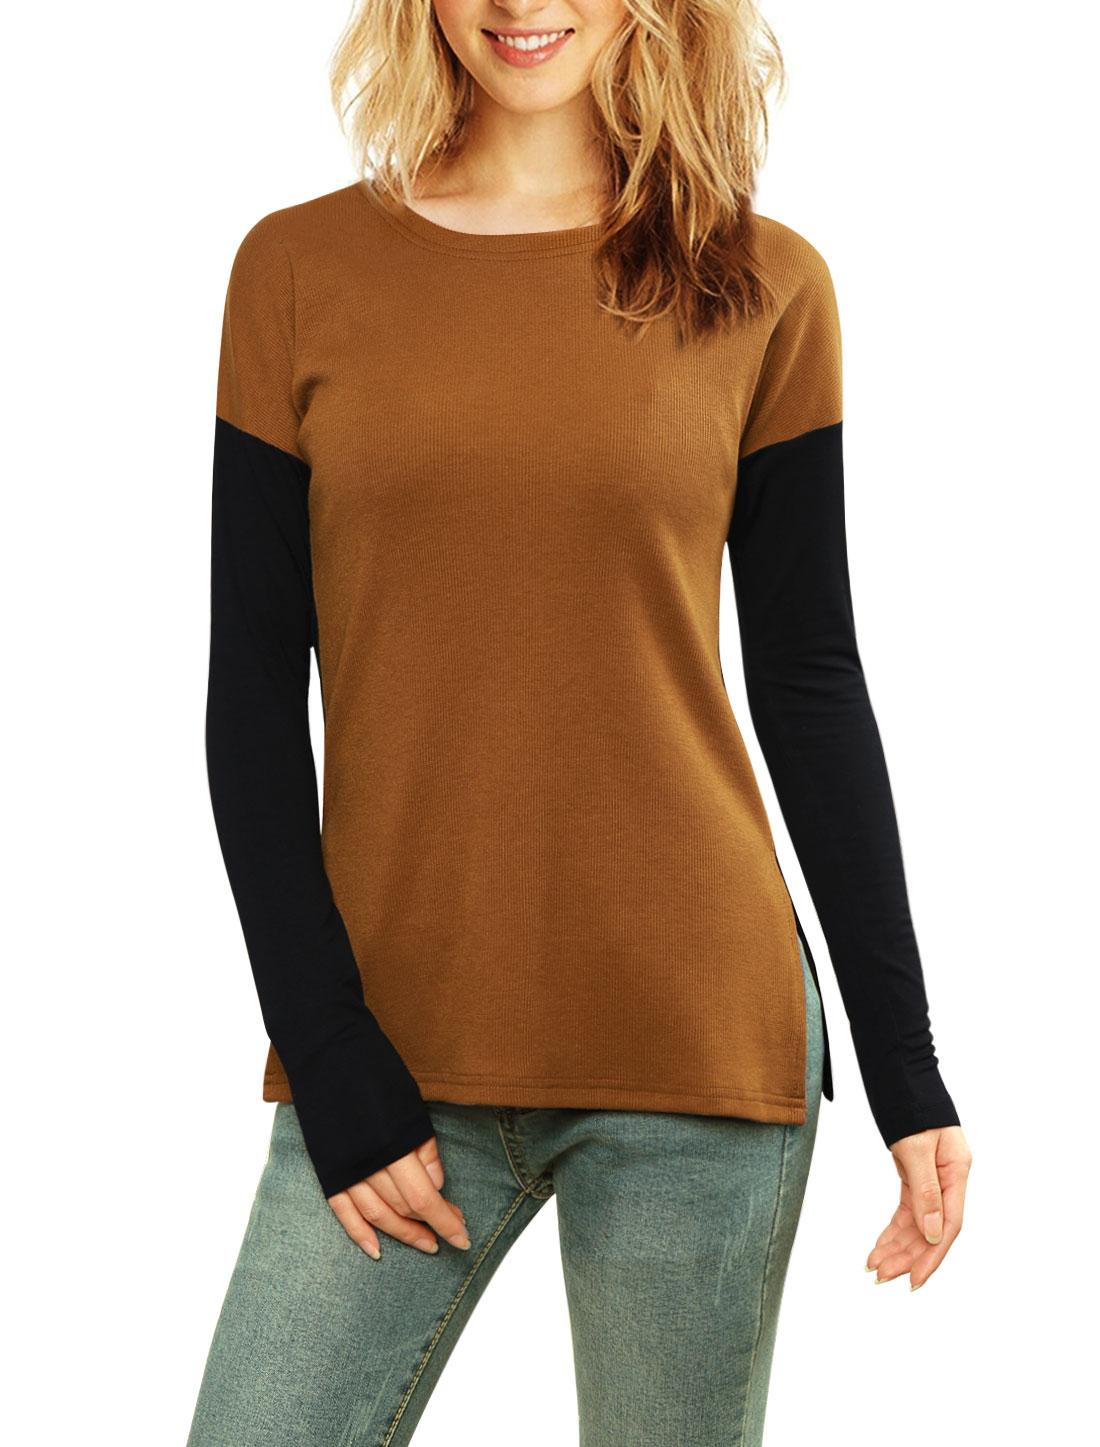 Women Color Block Side-Slit Paneled Slim Fit Ribbed Top Brown L